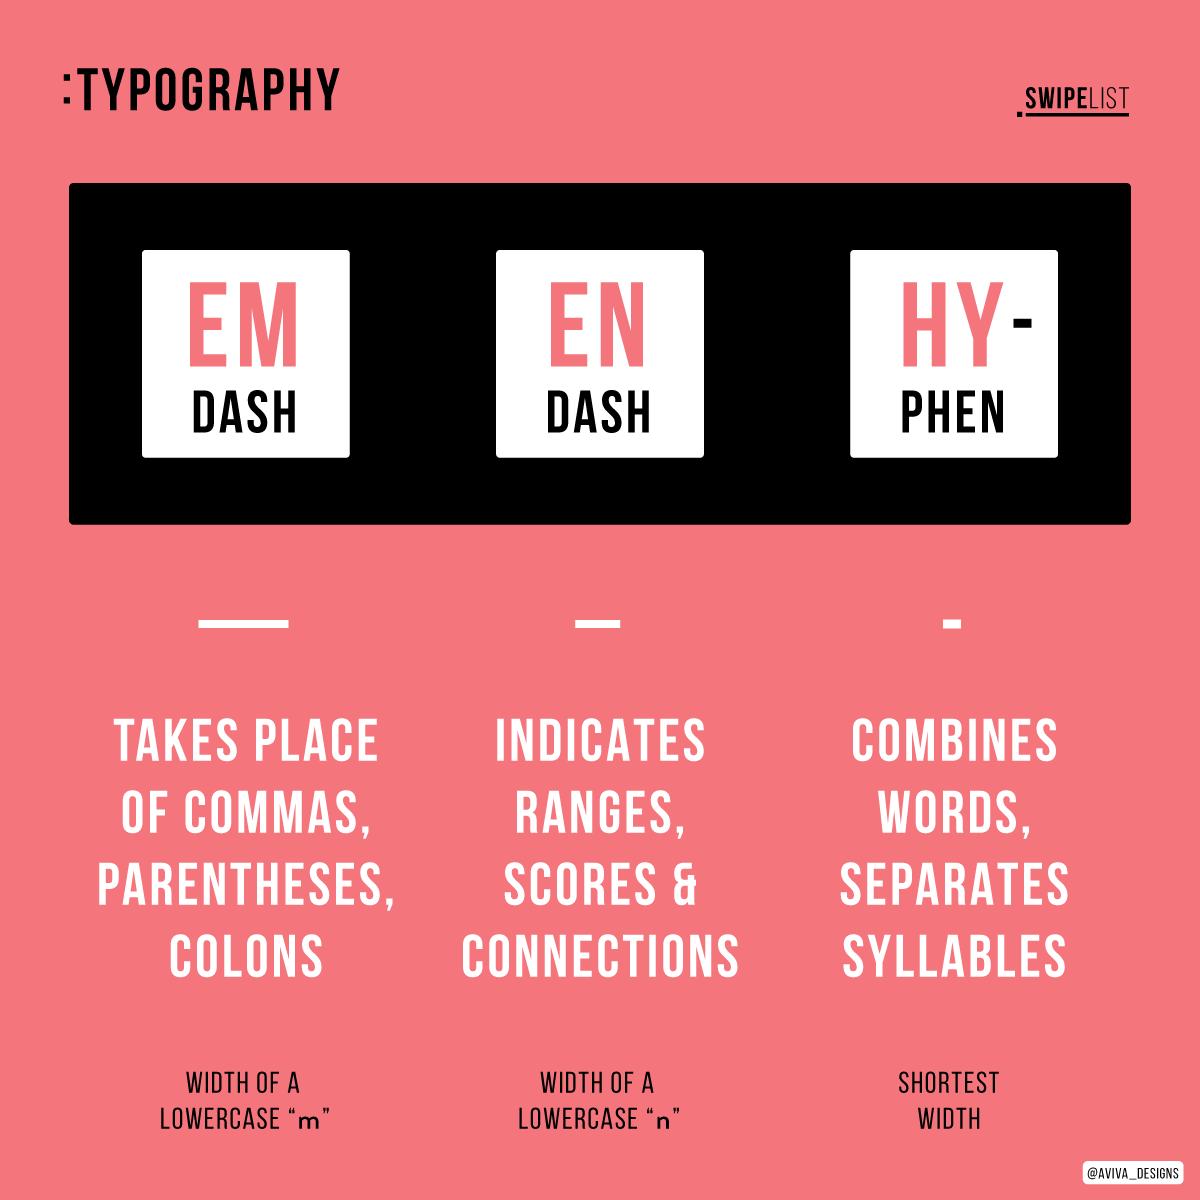 EM dash vs EN dash vs Hyphen